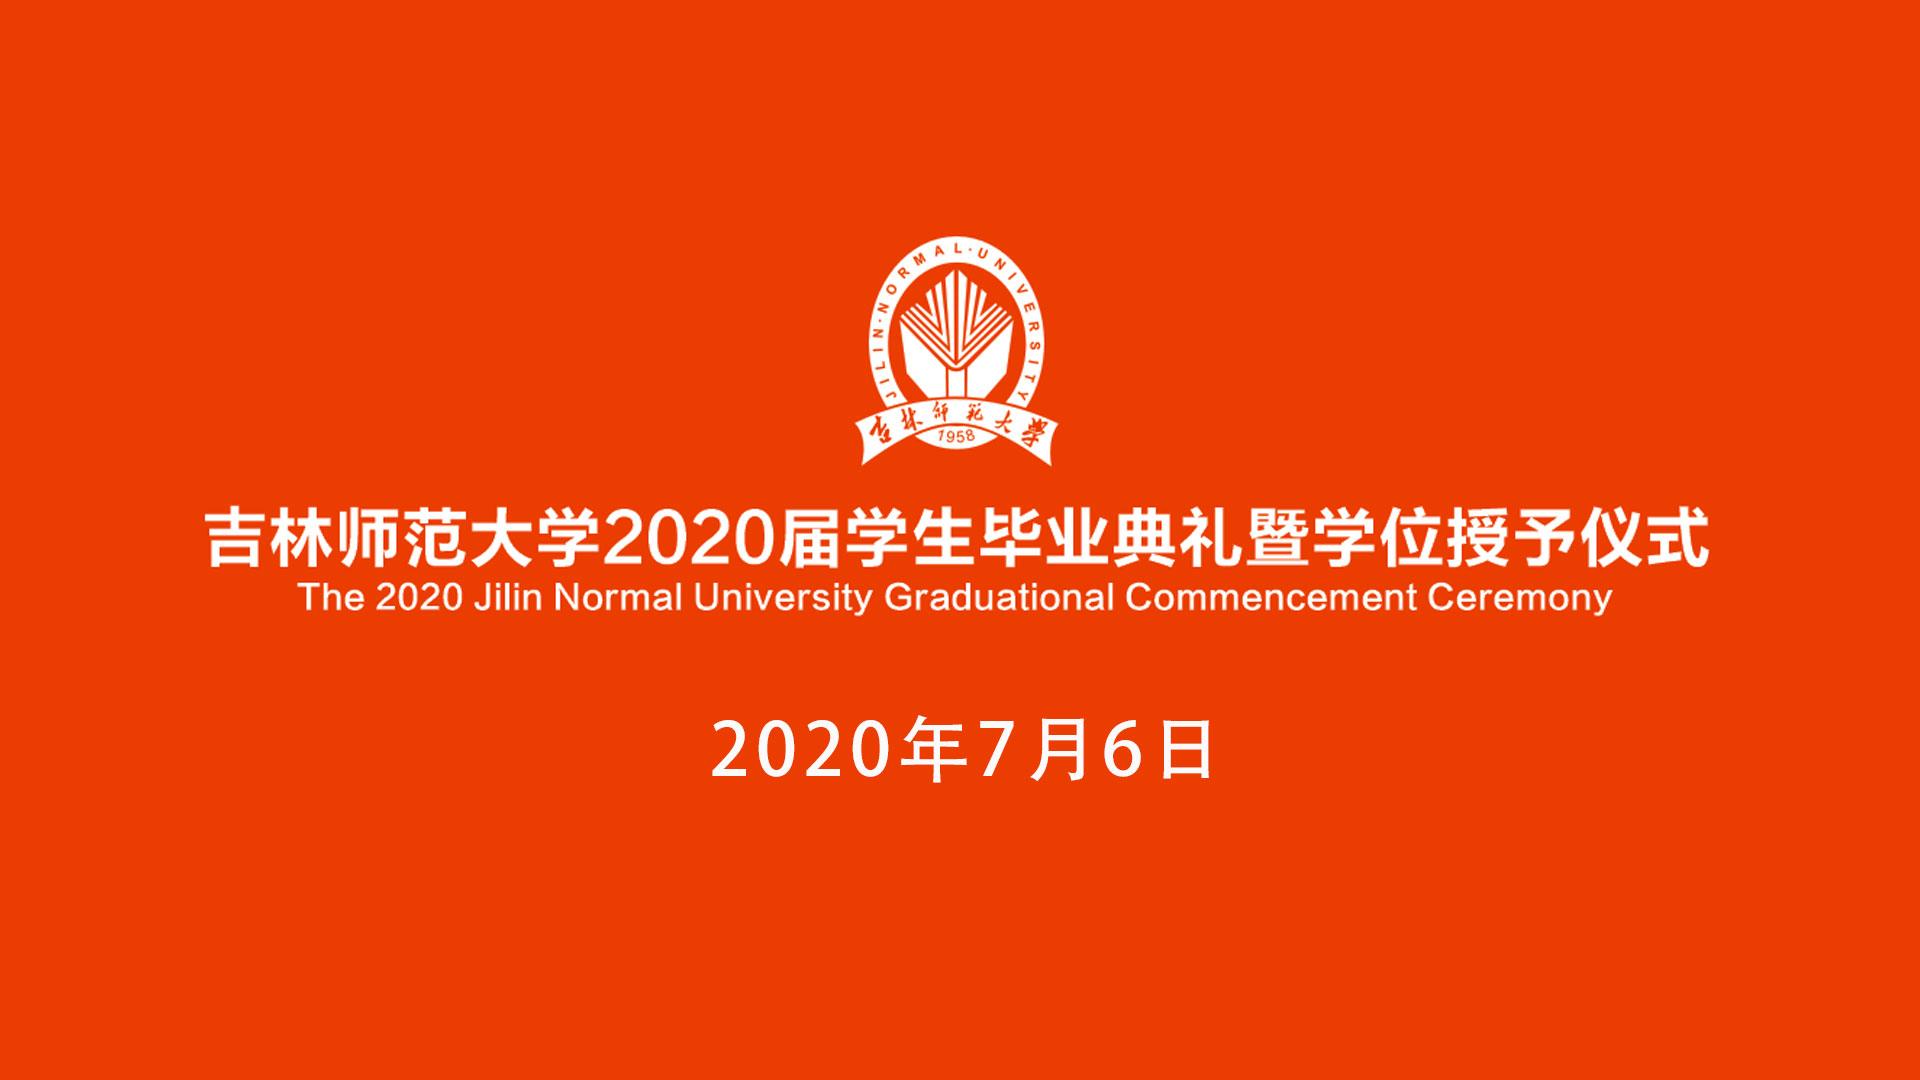 现场直播 | 吉林师范大学2020届学生毕业典礼暨学位授予仪式